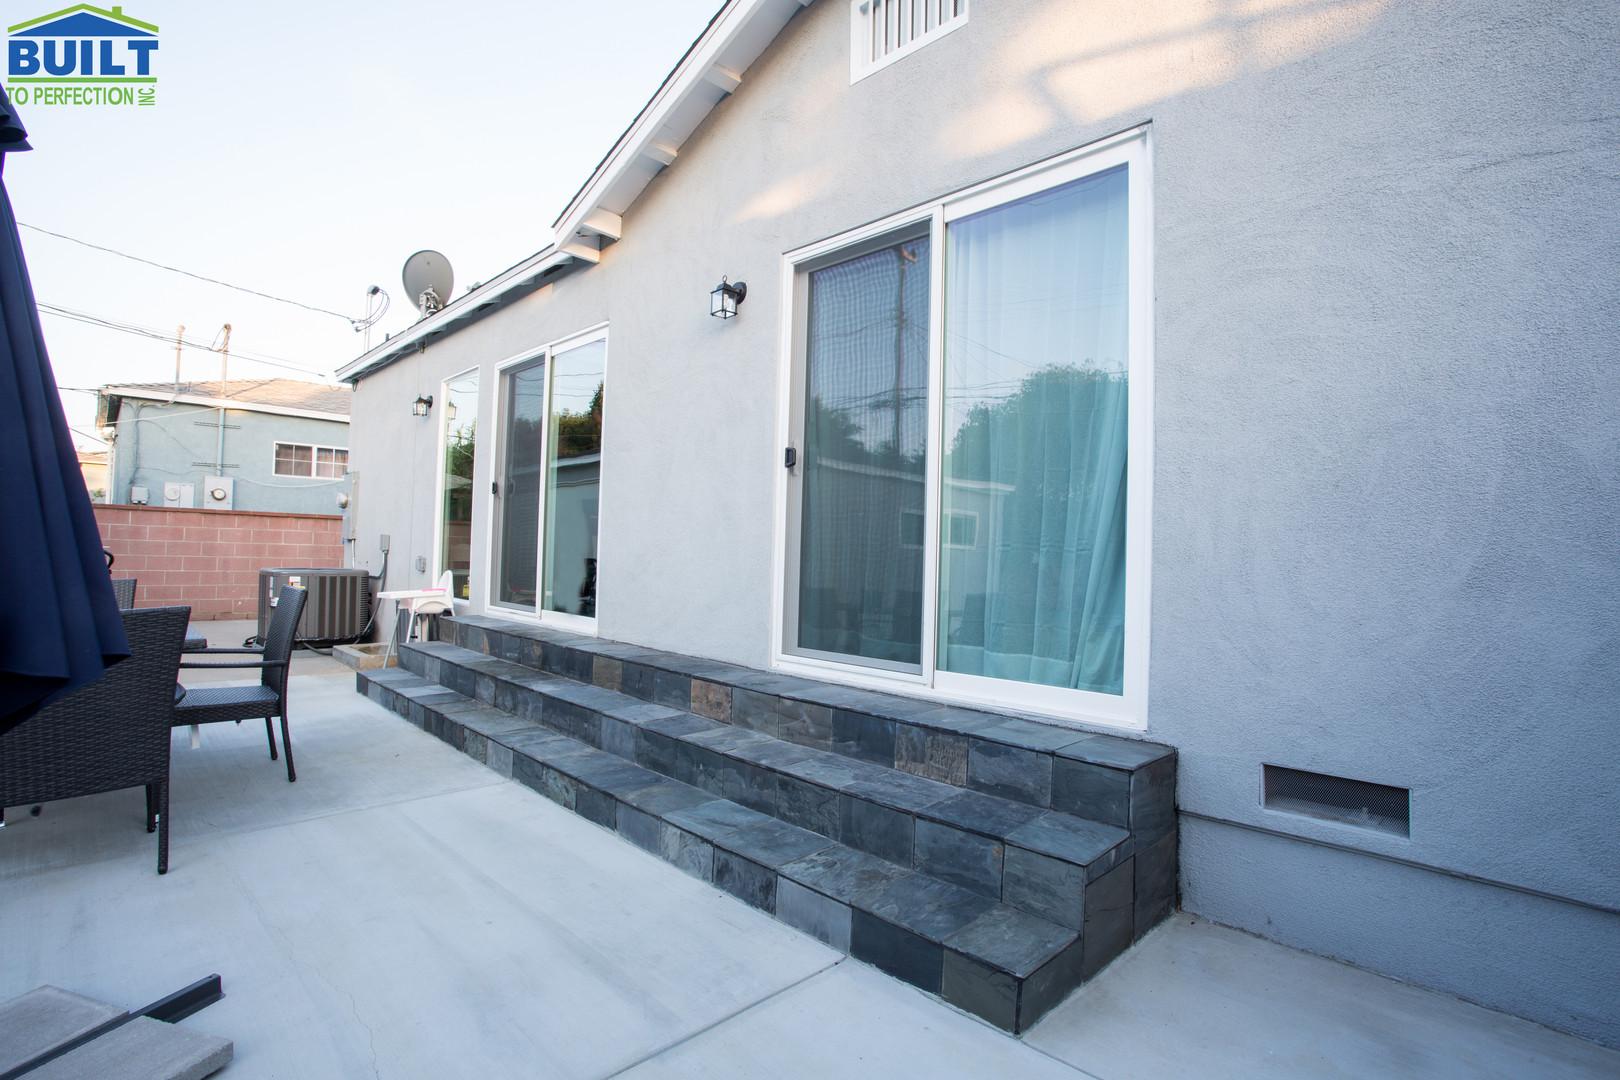 Back Yard Custom Home Remodel